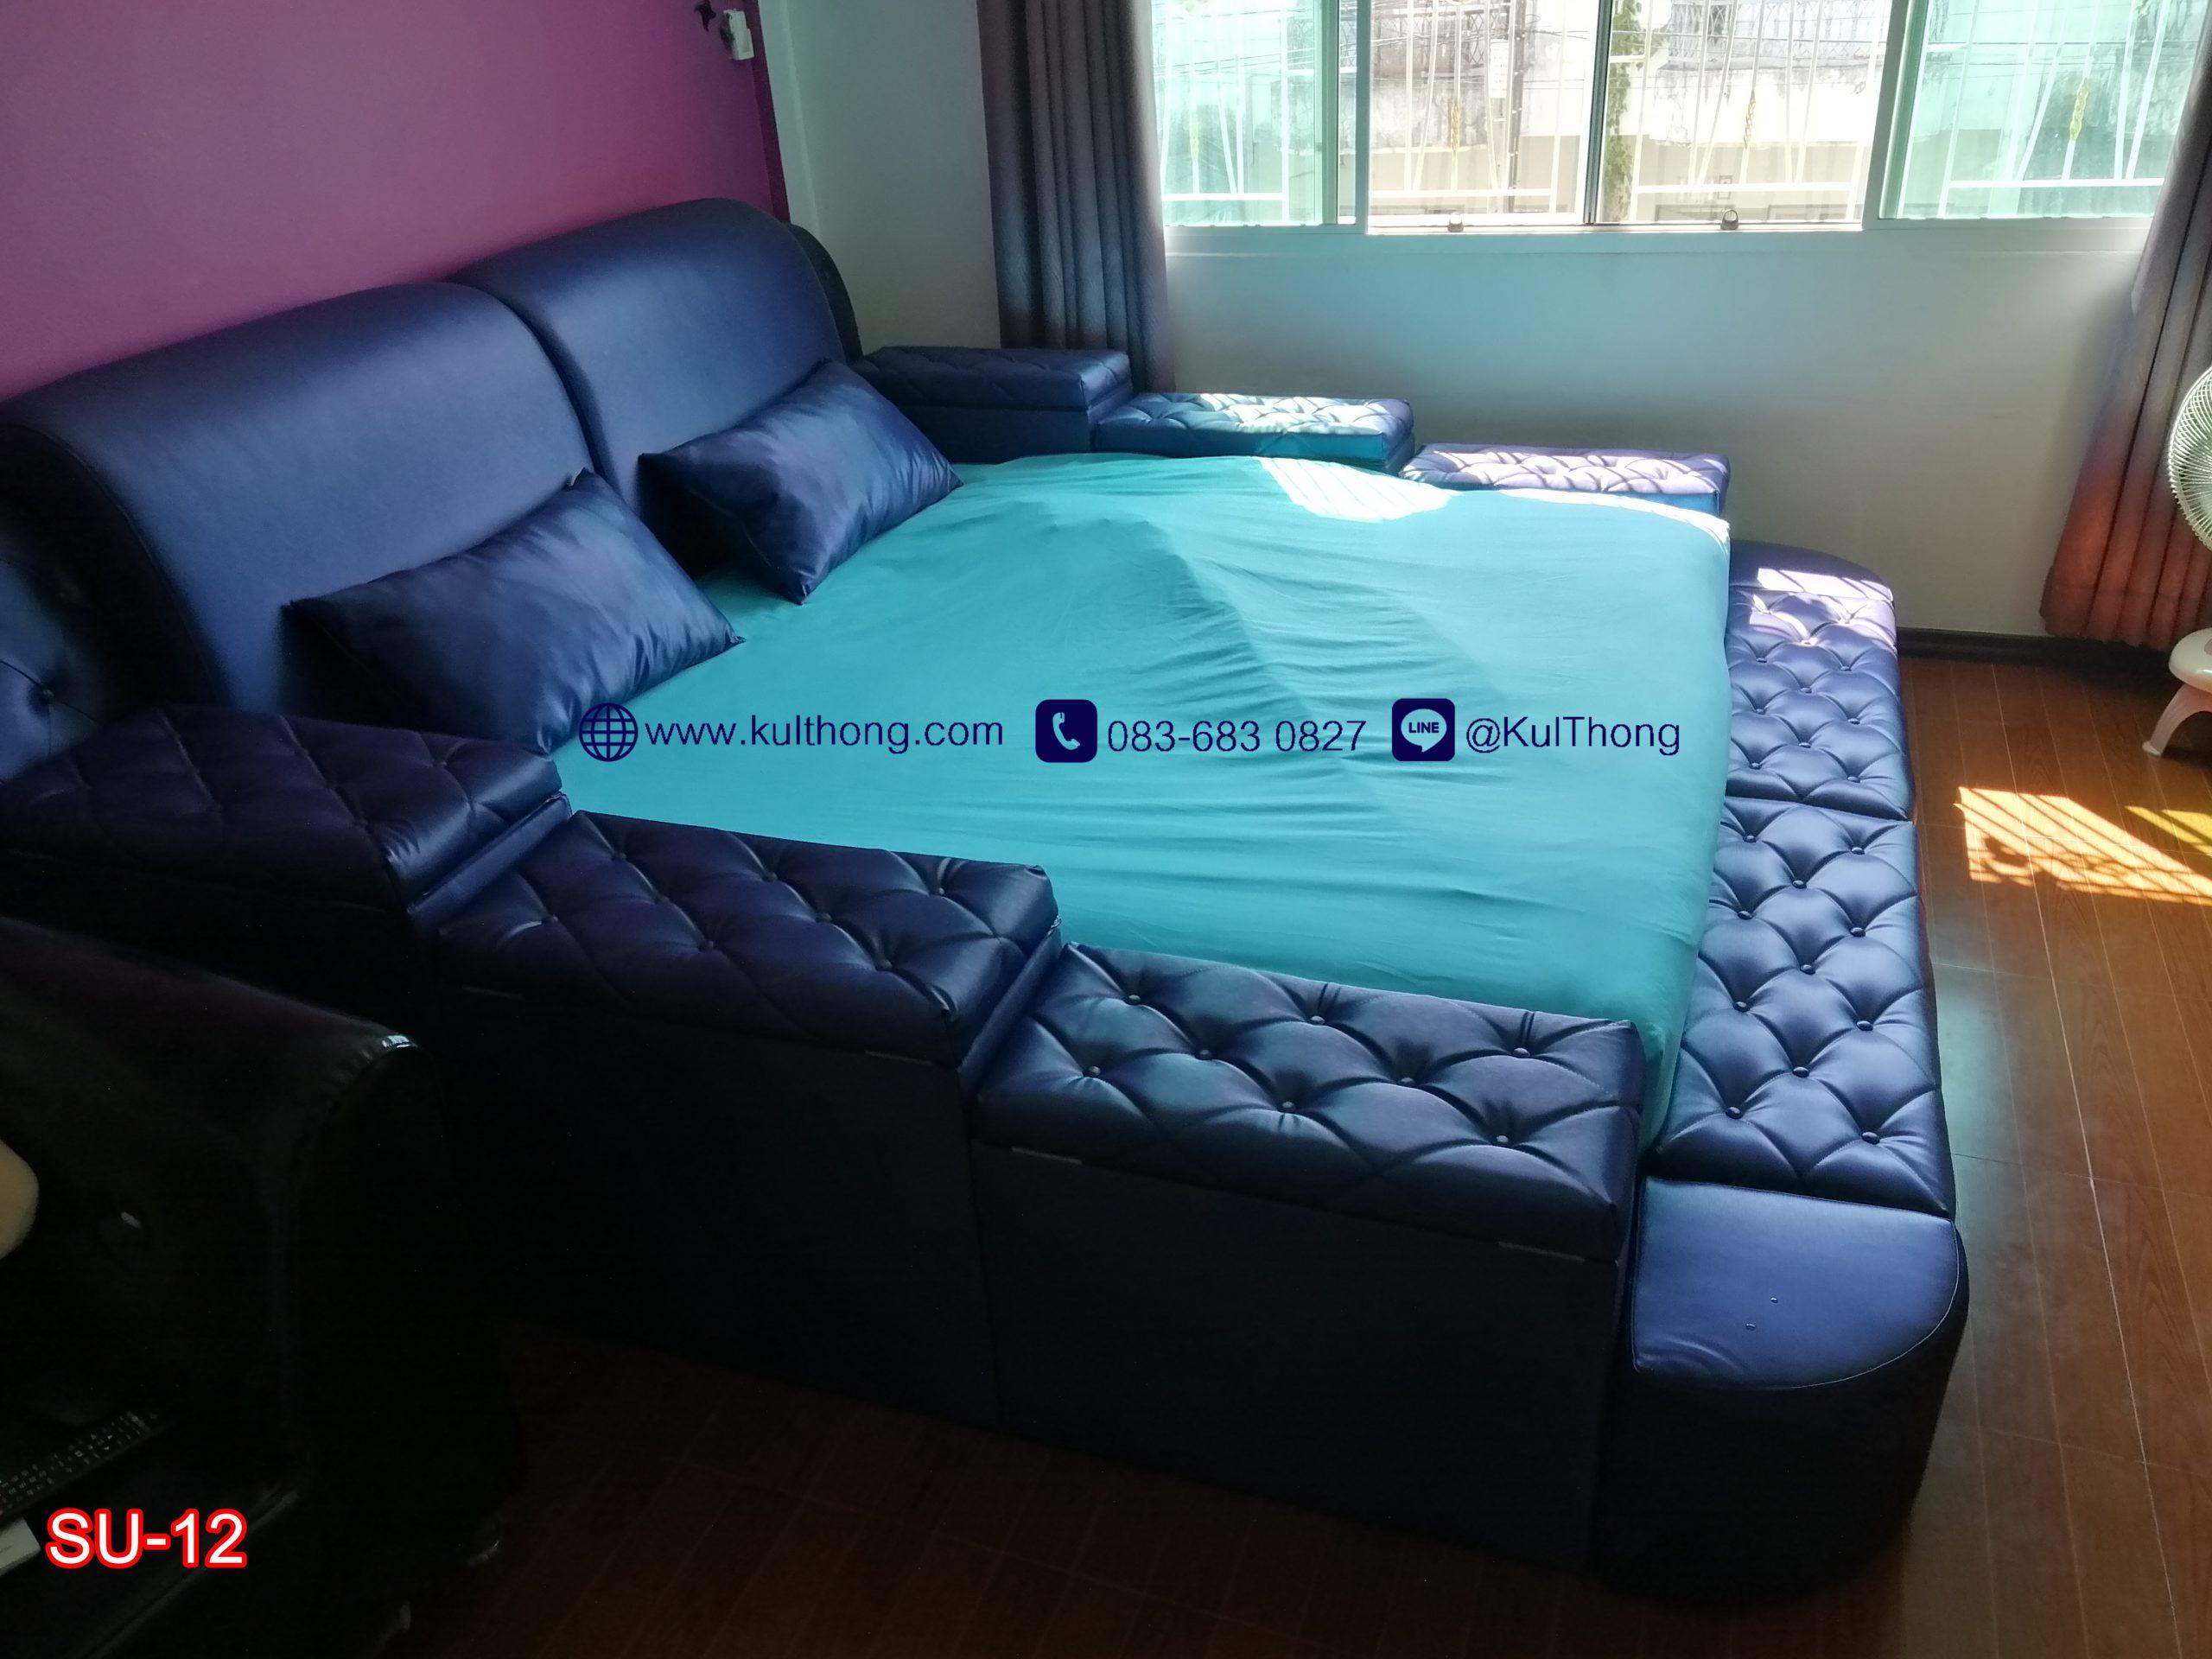 เตียงกล่องหุ้มหนัง เตียงเก็บของ เตียงขนาดใหญ่ เตียงญี่ปุ่น